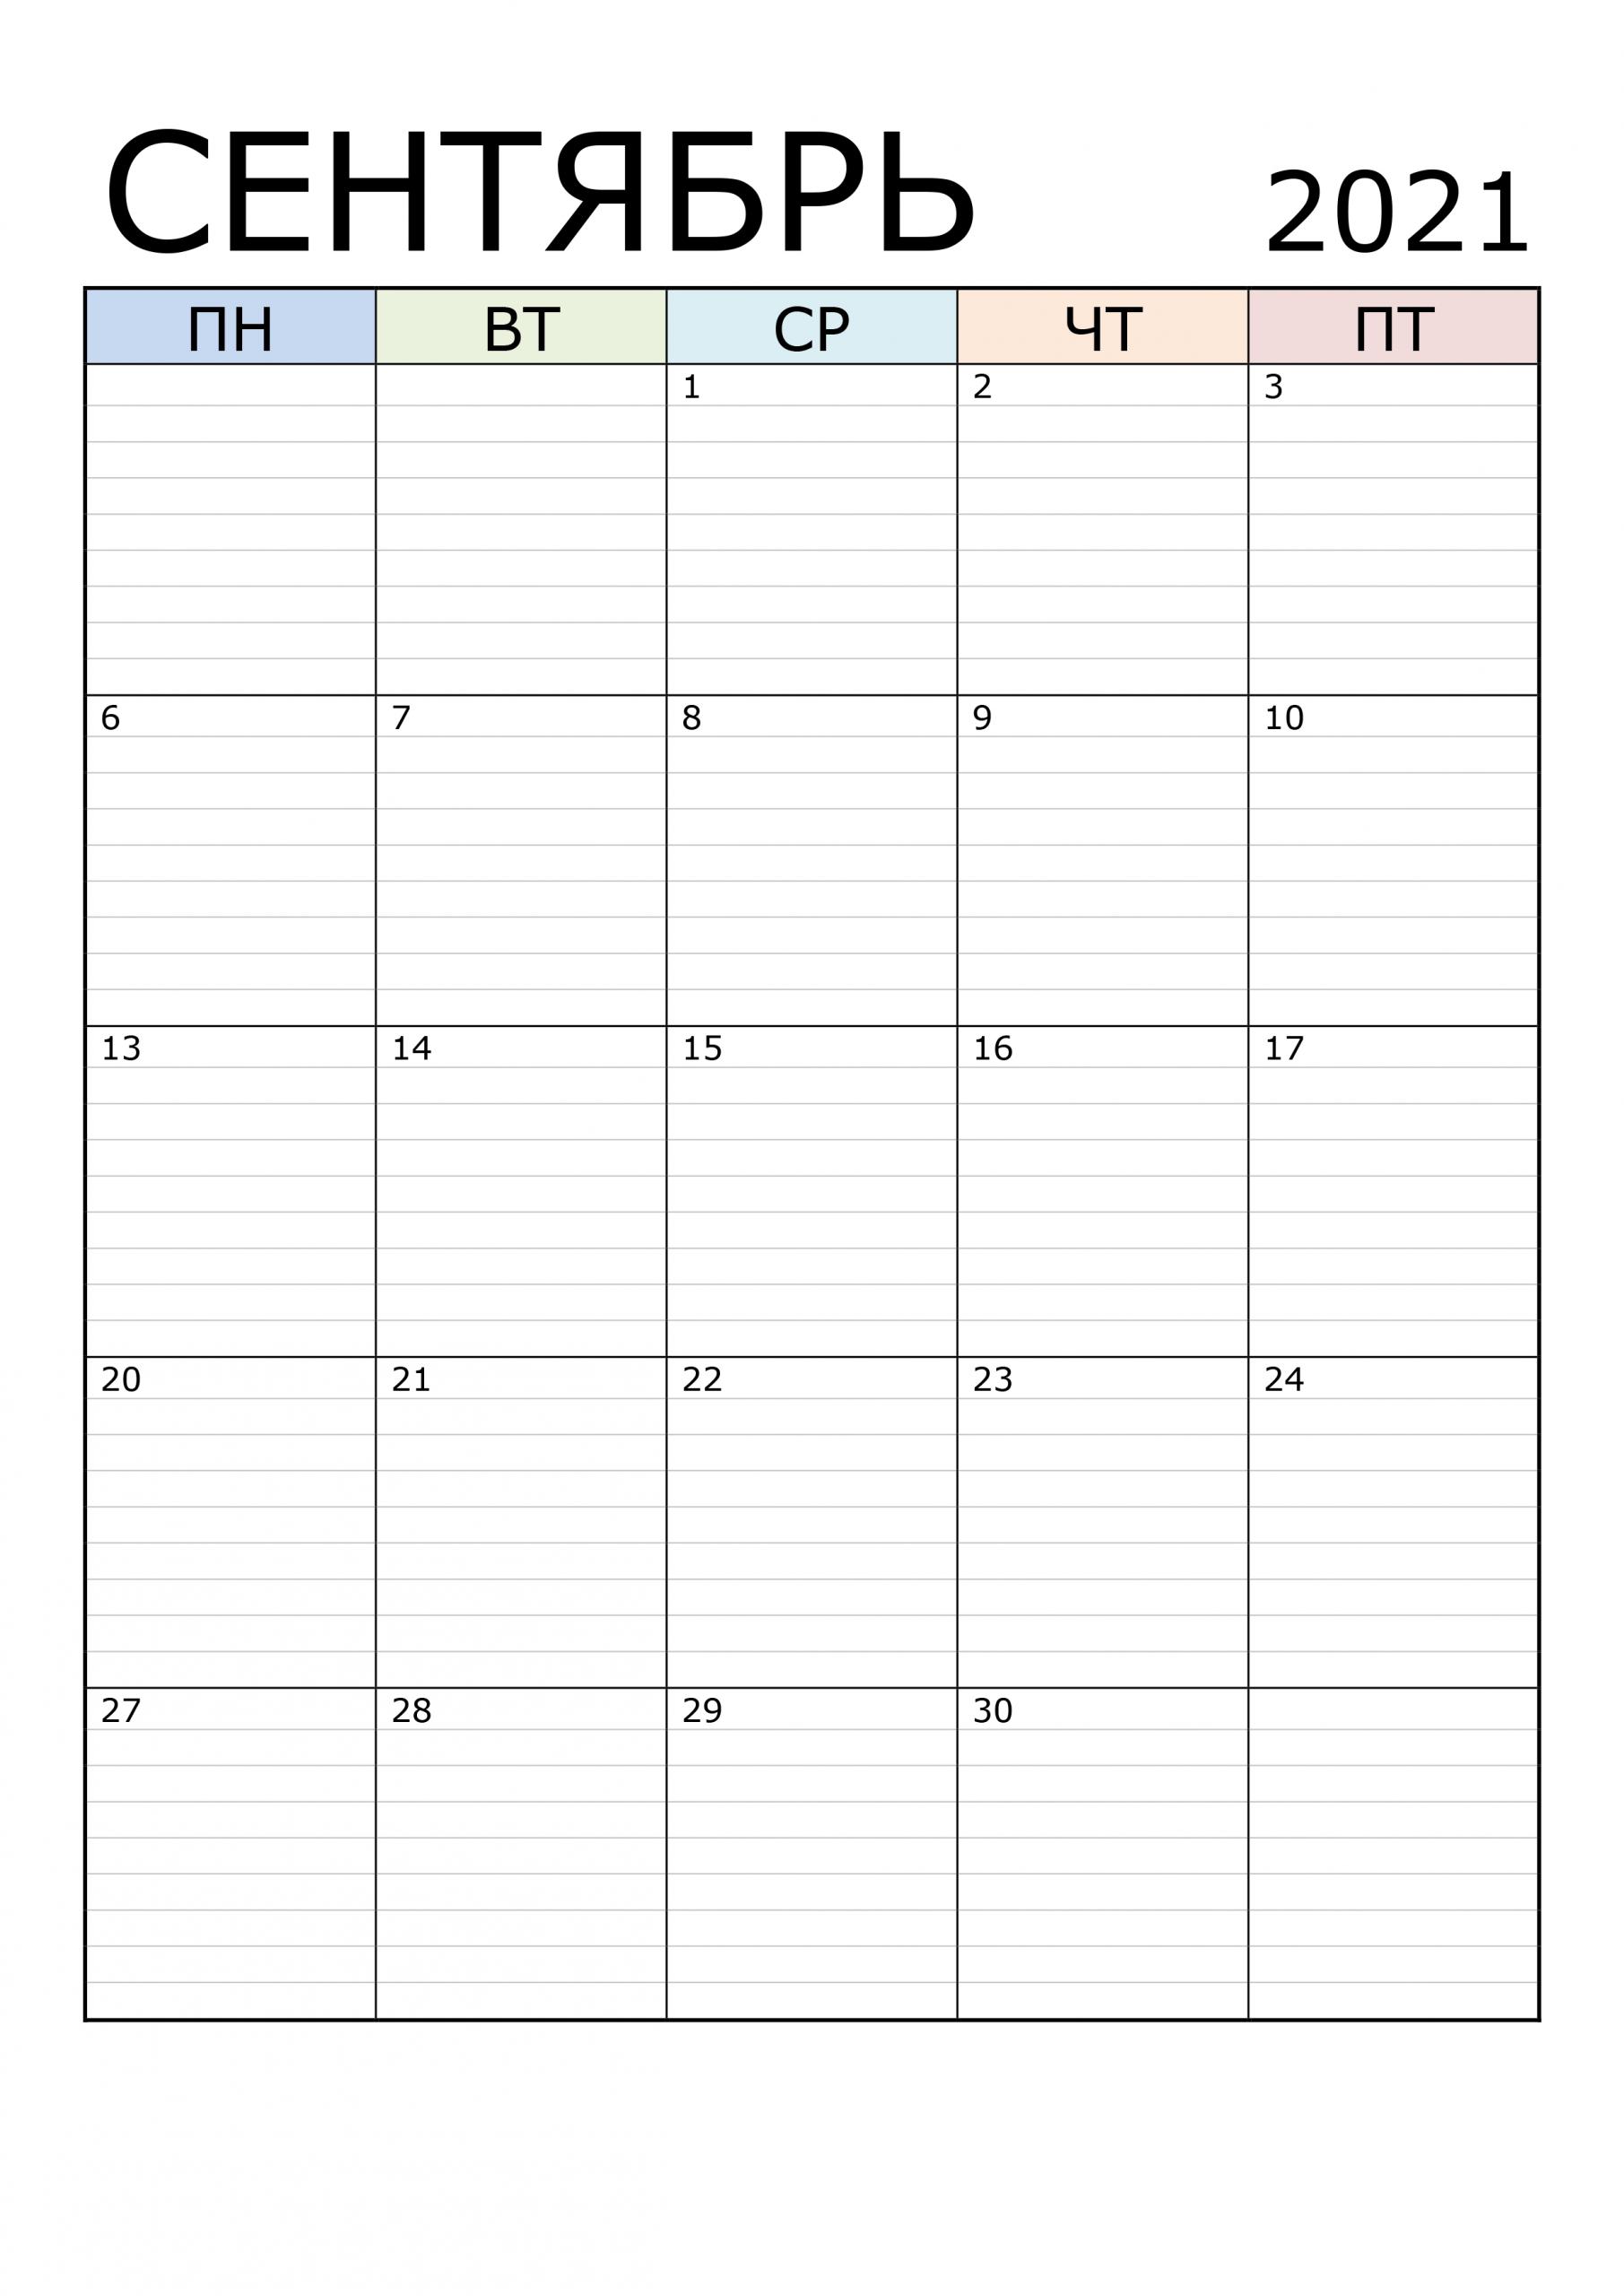 Календари На Сентябрь 2021 Года — Calendarbox.ru intended for Календарь Сентябрь Октябрь 2021 Graphics